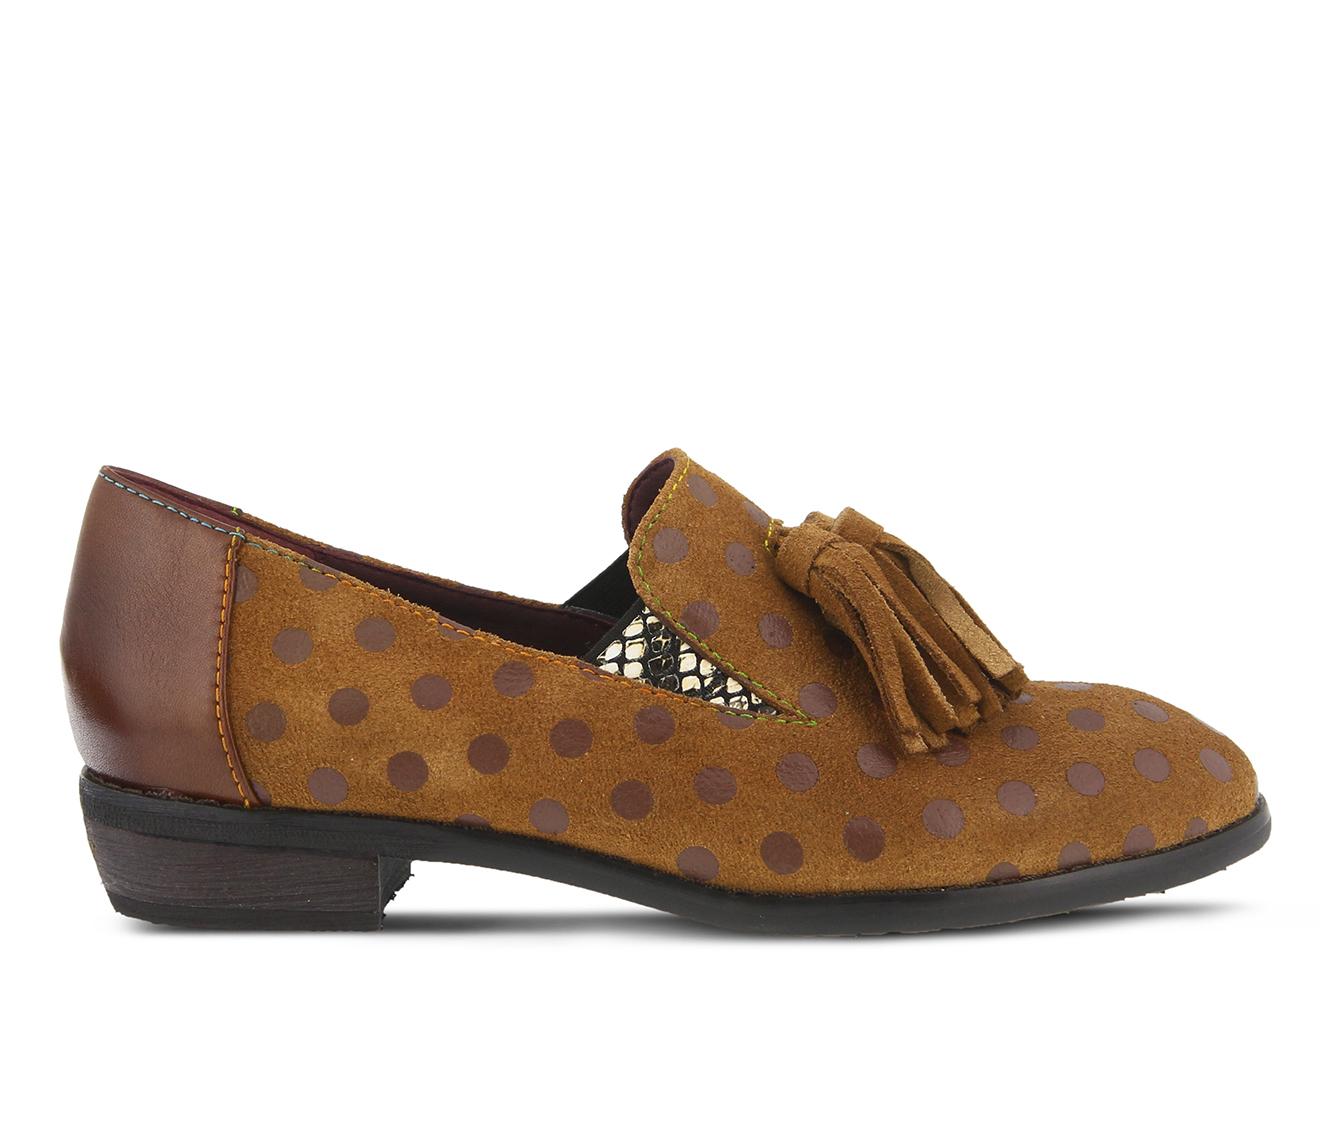 L'Artiste Klasik Women's Shoe (Brown Suede)